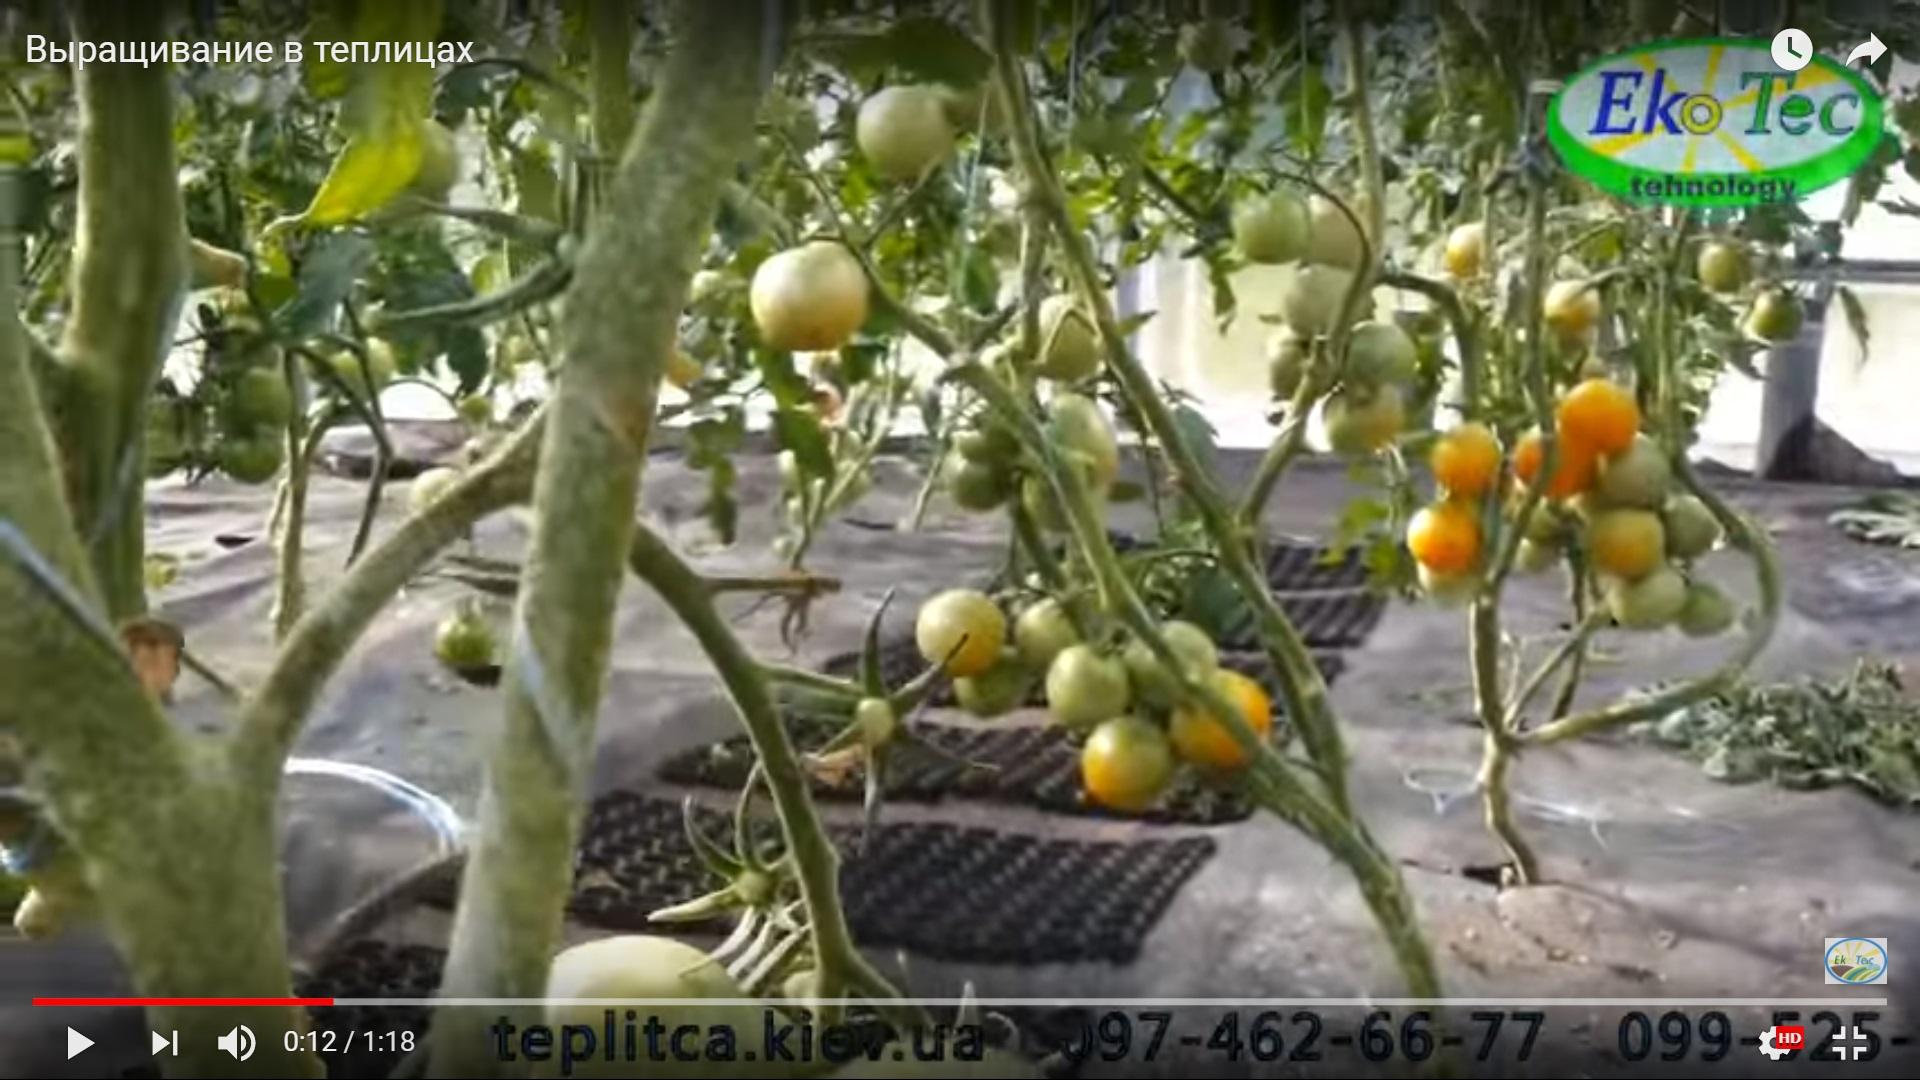 Черешневый сад как бизнес с минимальными вложениями